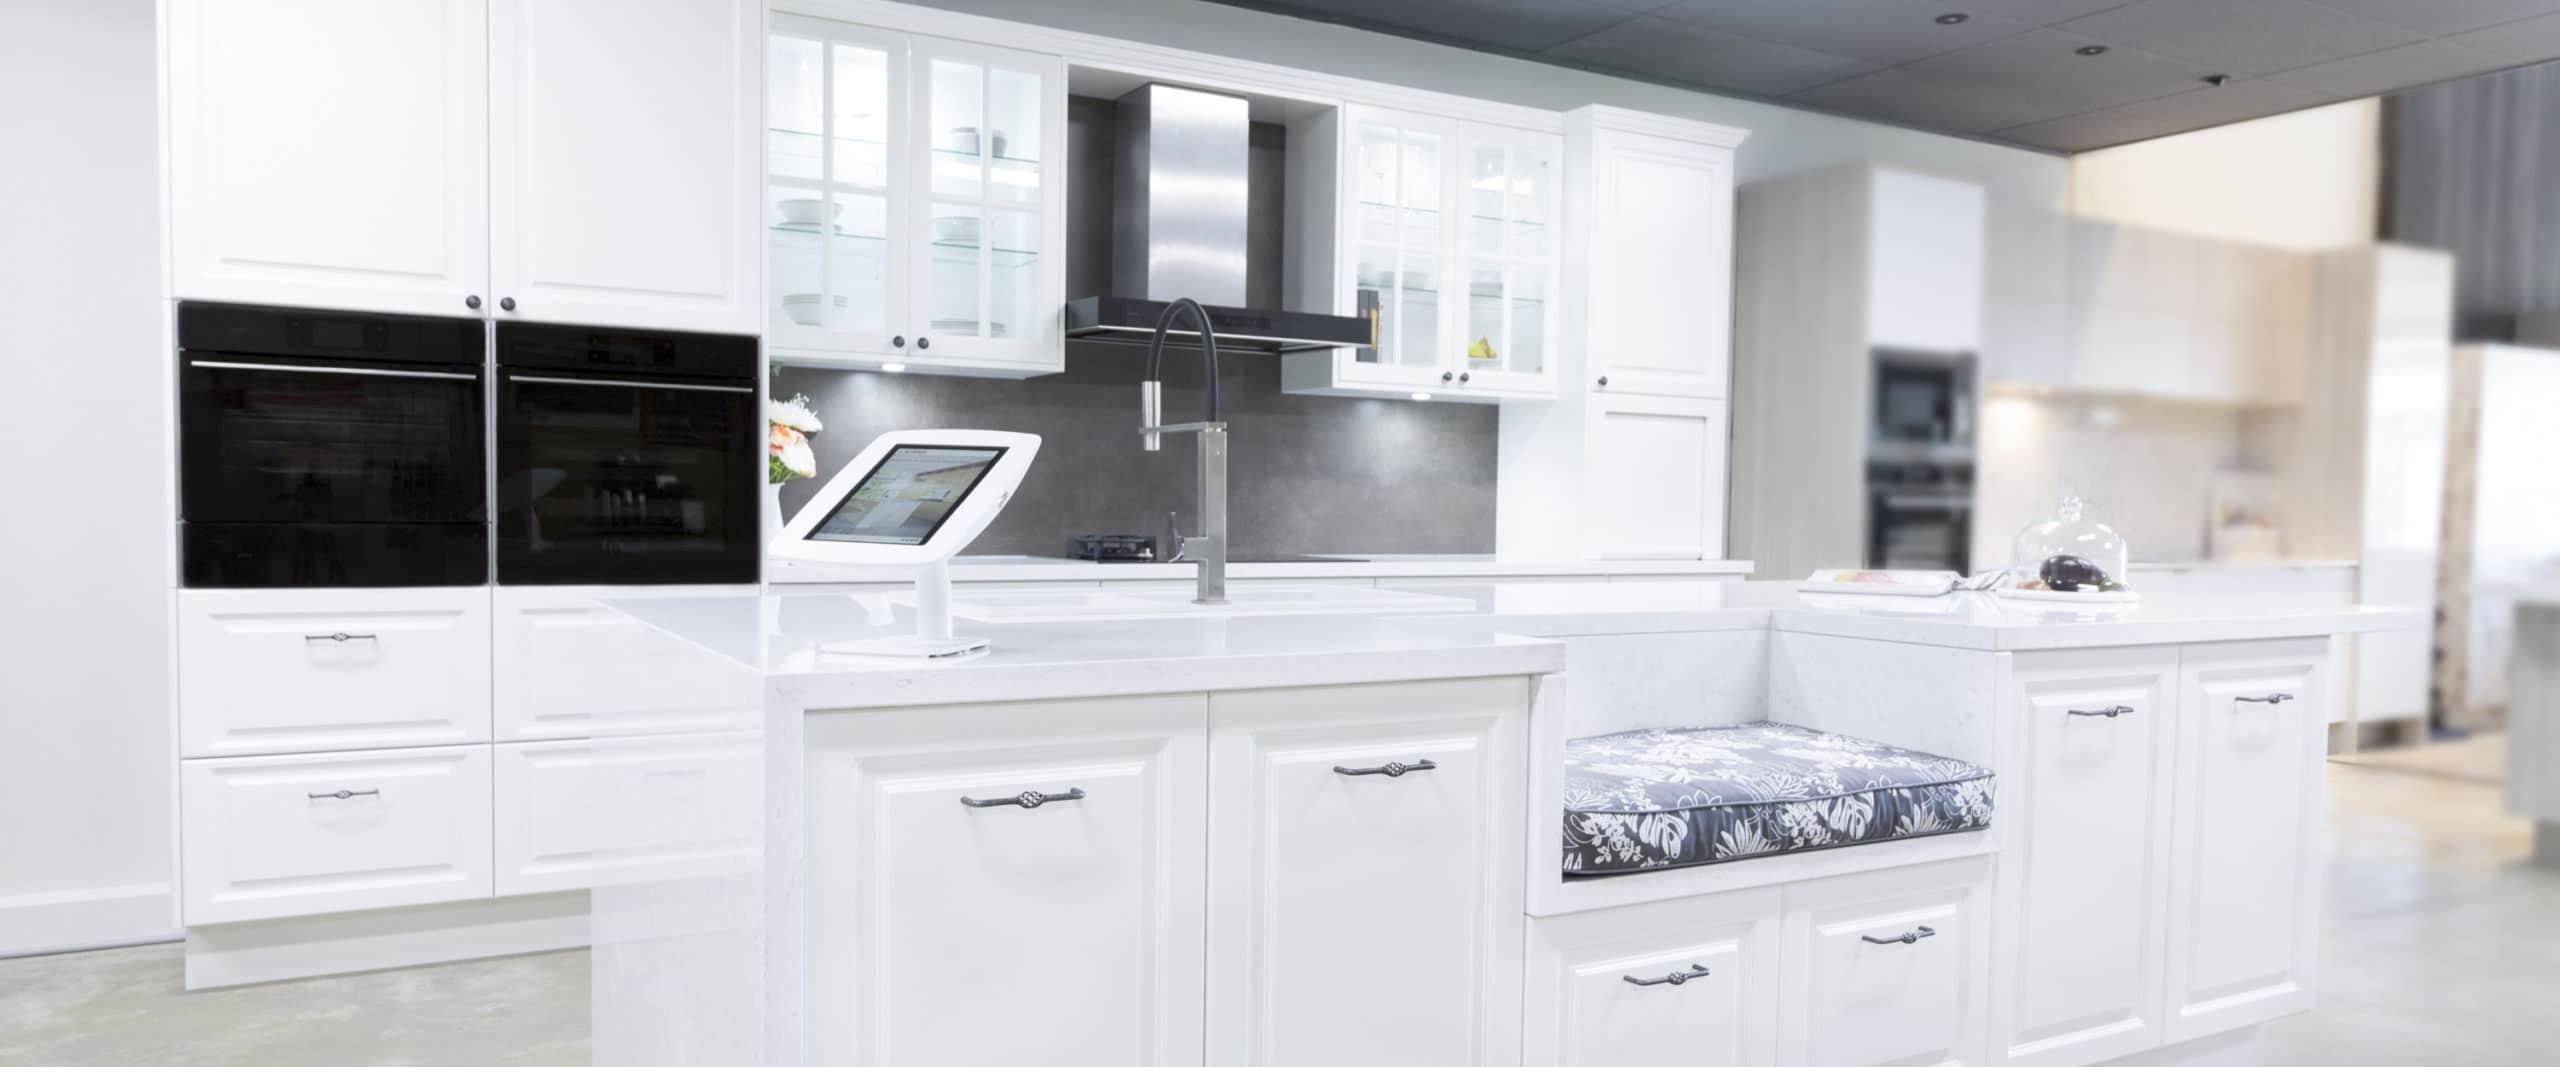 claremont showroom kitchen